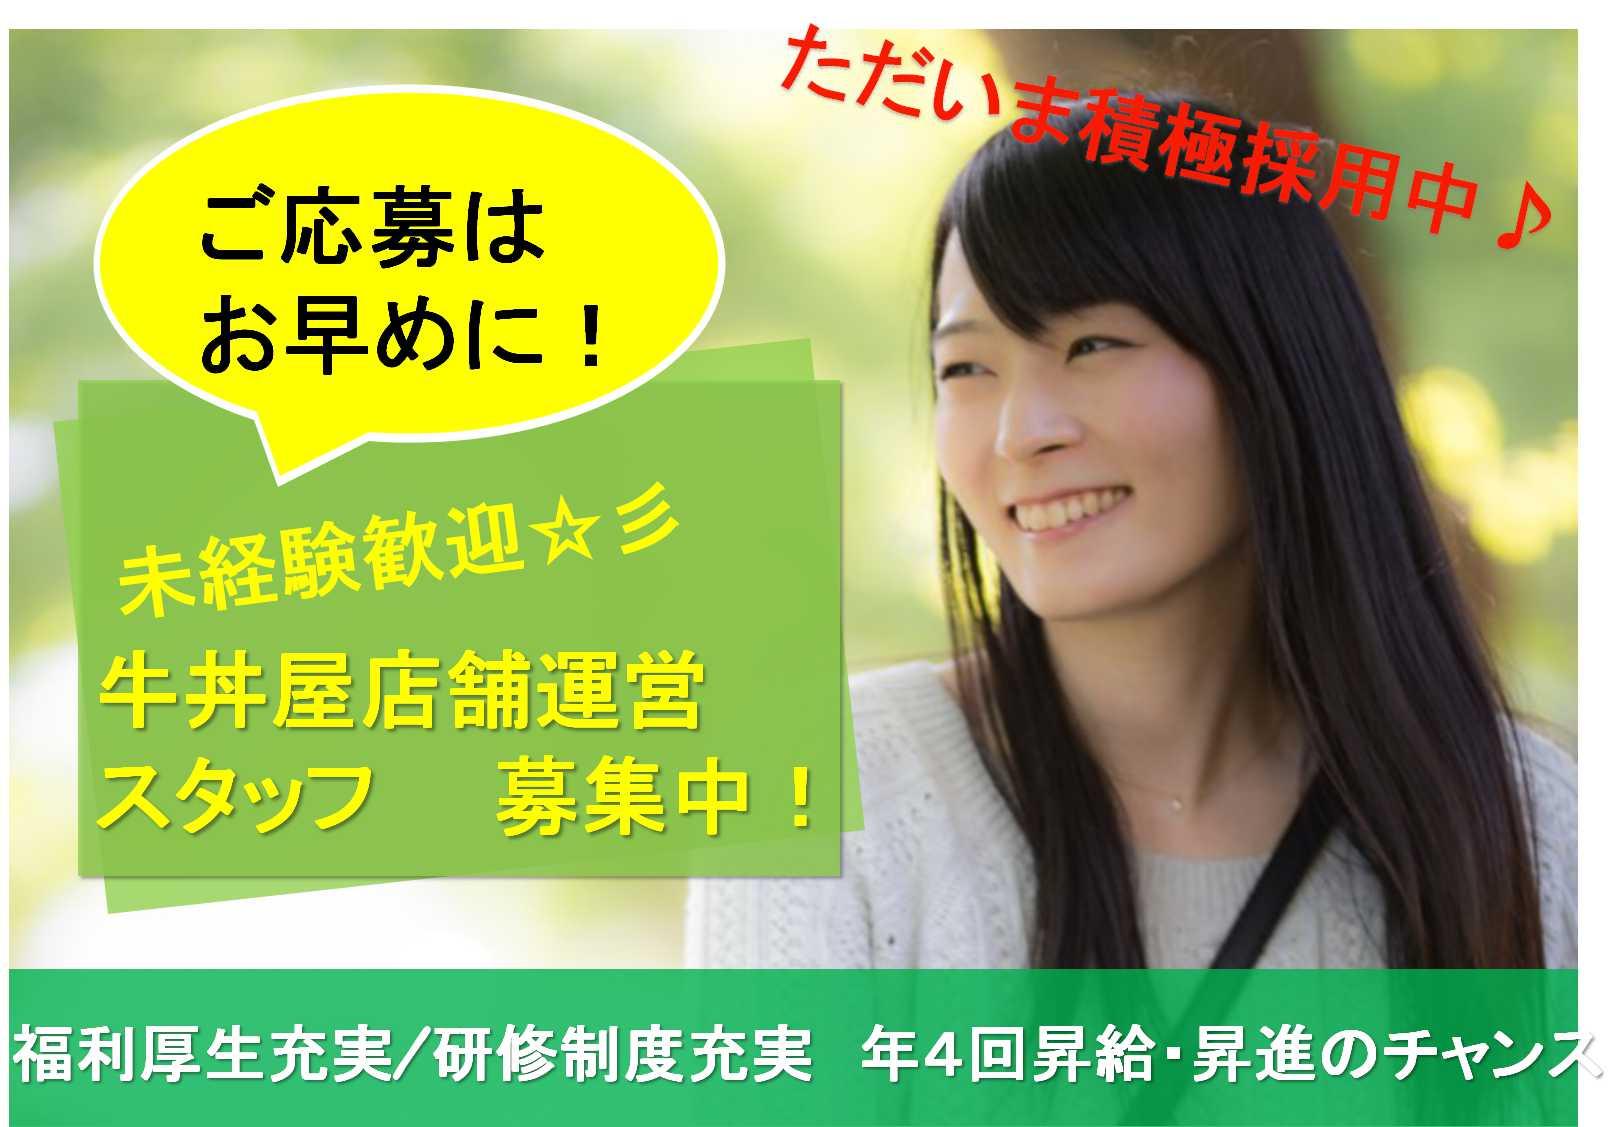 【急募】福利厚生充実!年間休日123日♪連休取得も可!店舗運営スタッフ イメージ